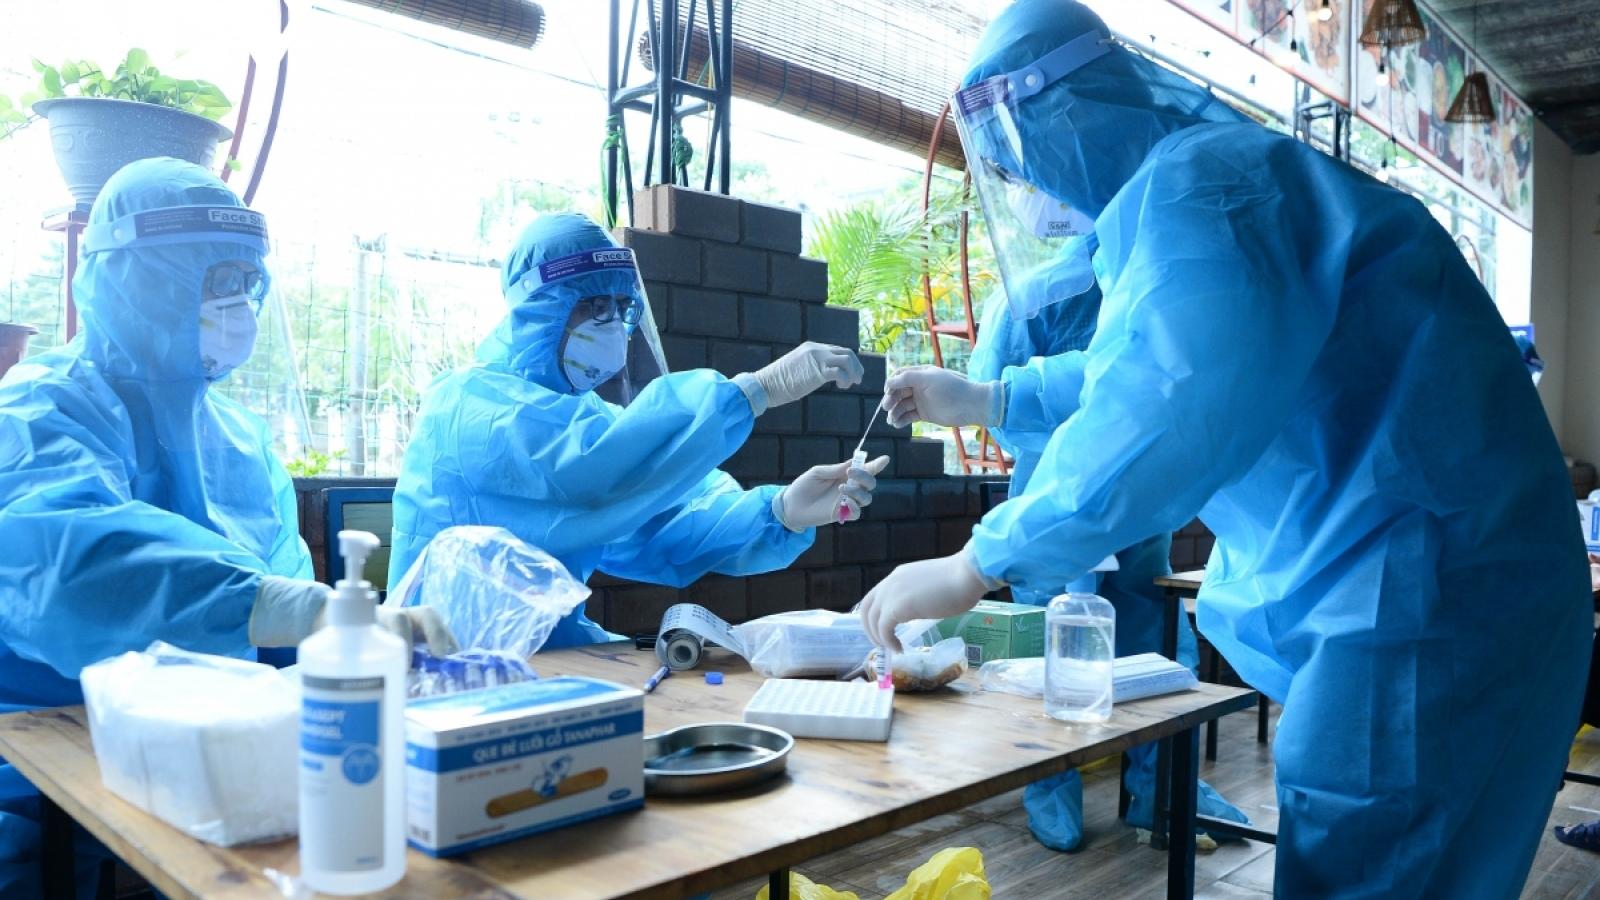 Phát hiện hơn 300 công nhân ở Bắc Giang dương tính SARS-CoV-2, Bộ Y tế họp khẩn